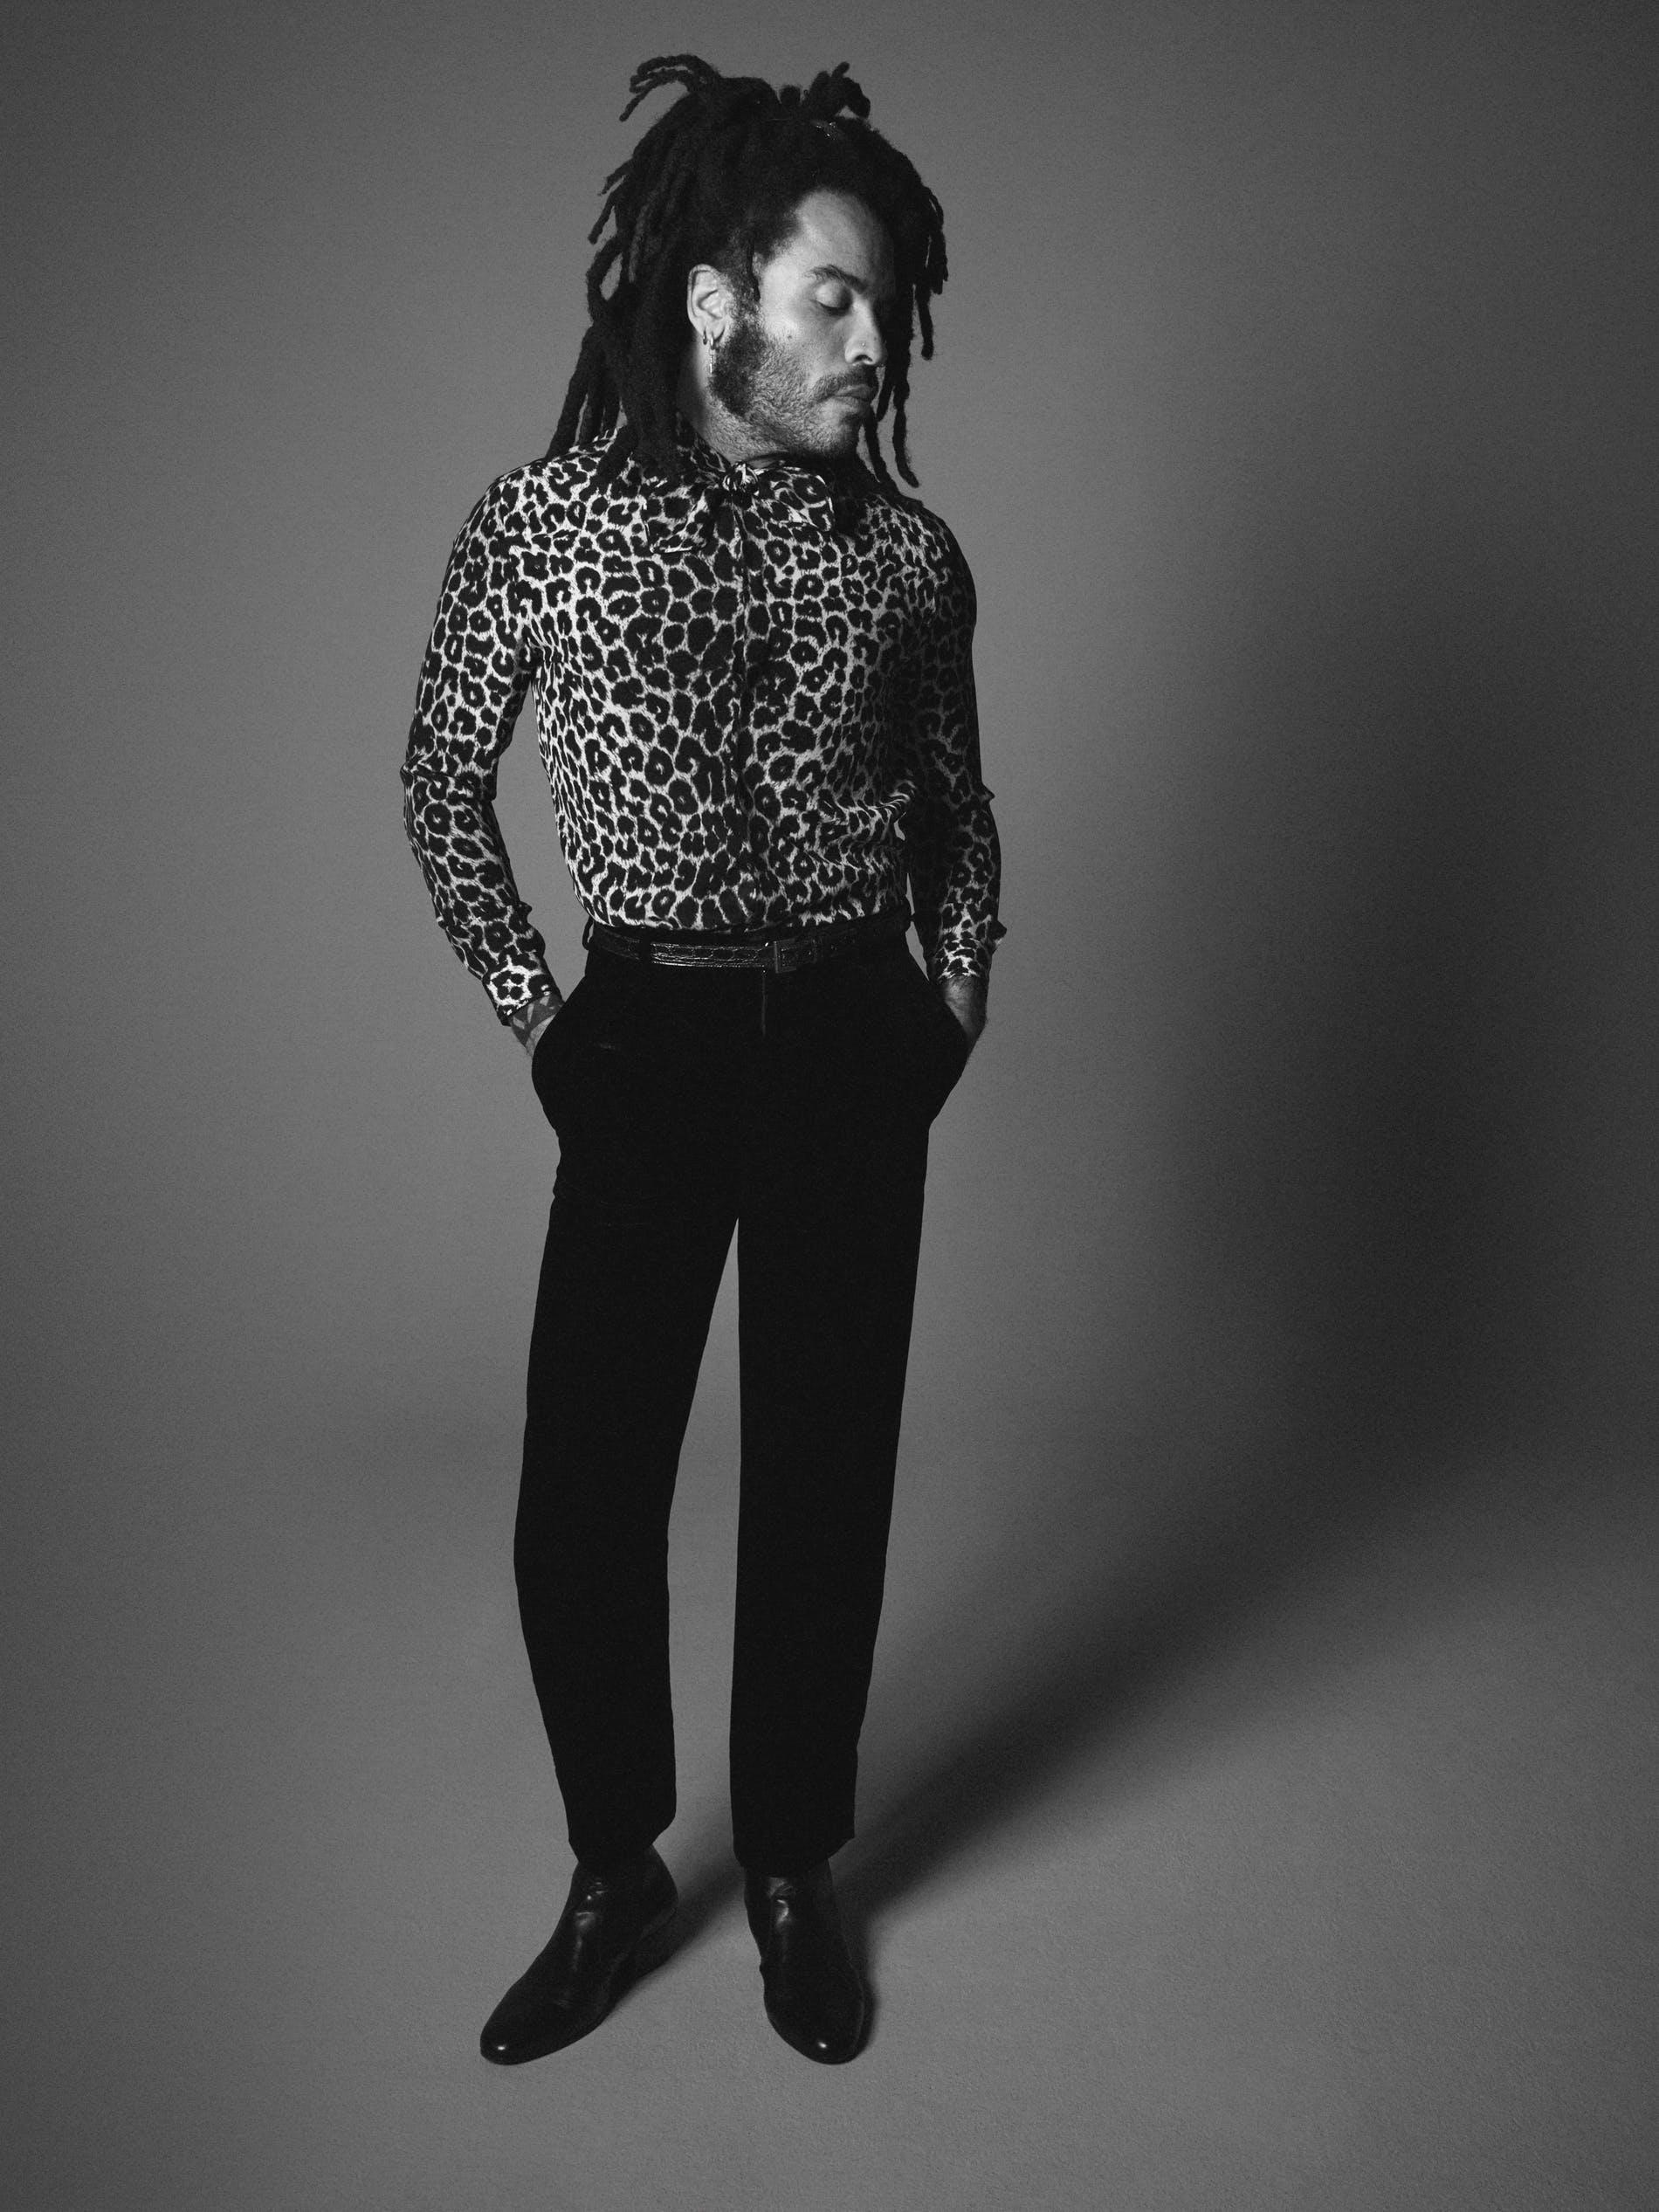 O cantor Lenny Kravitz de pé